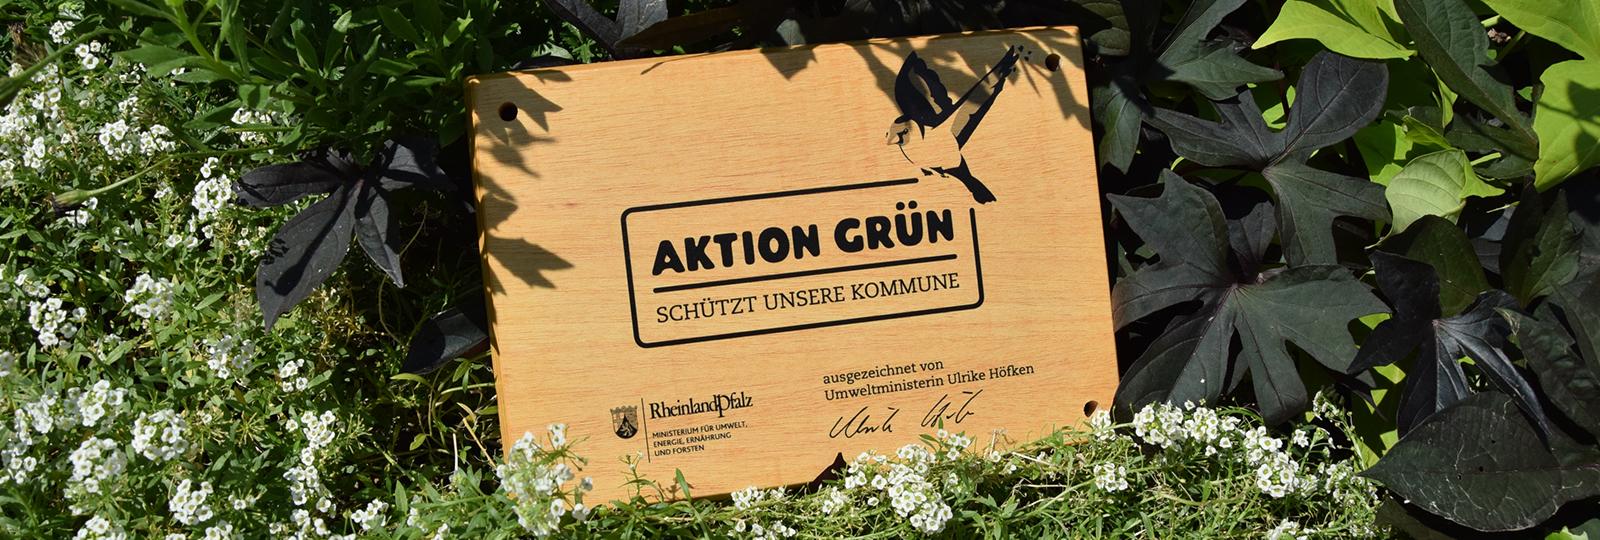 Aktion Grün-Holztafel